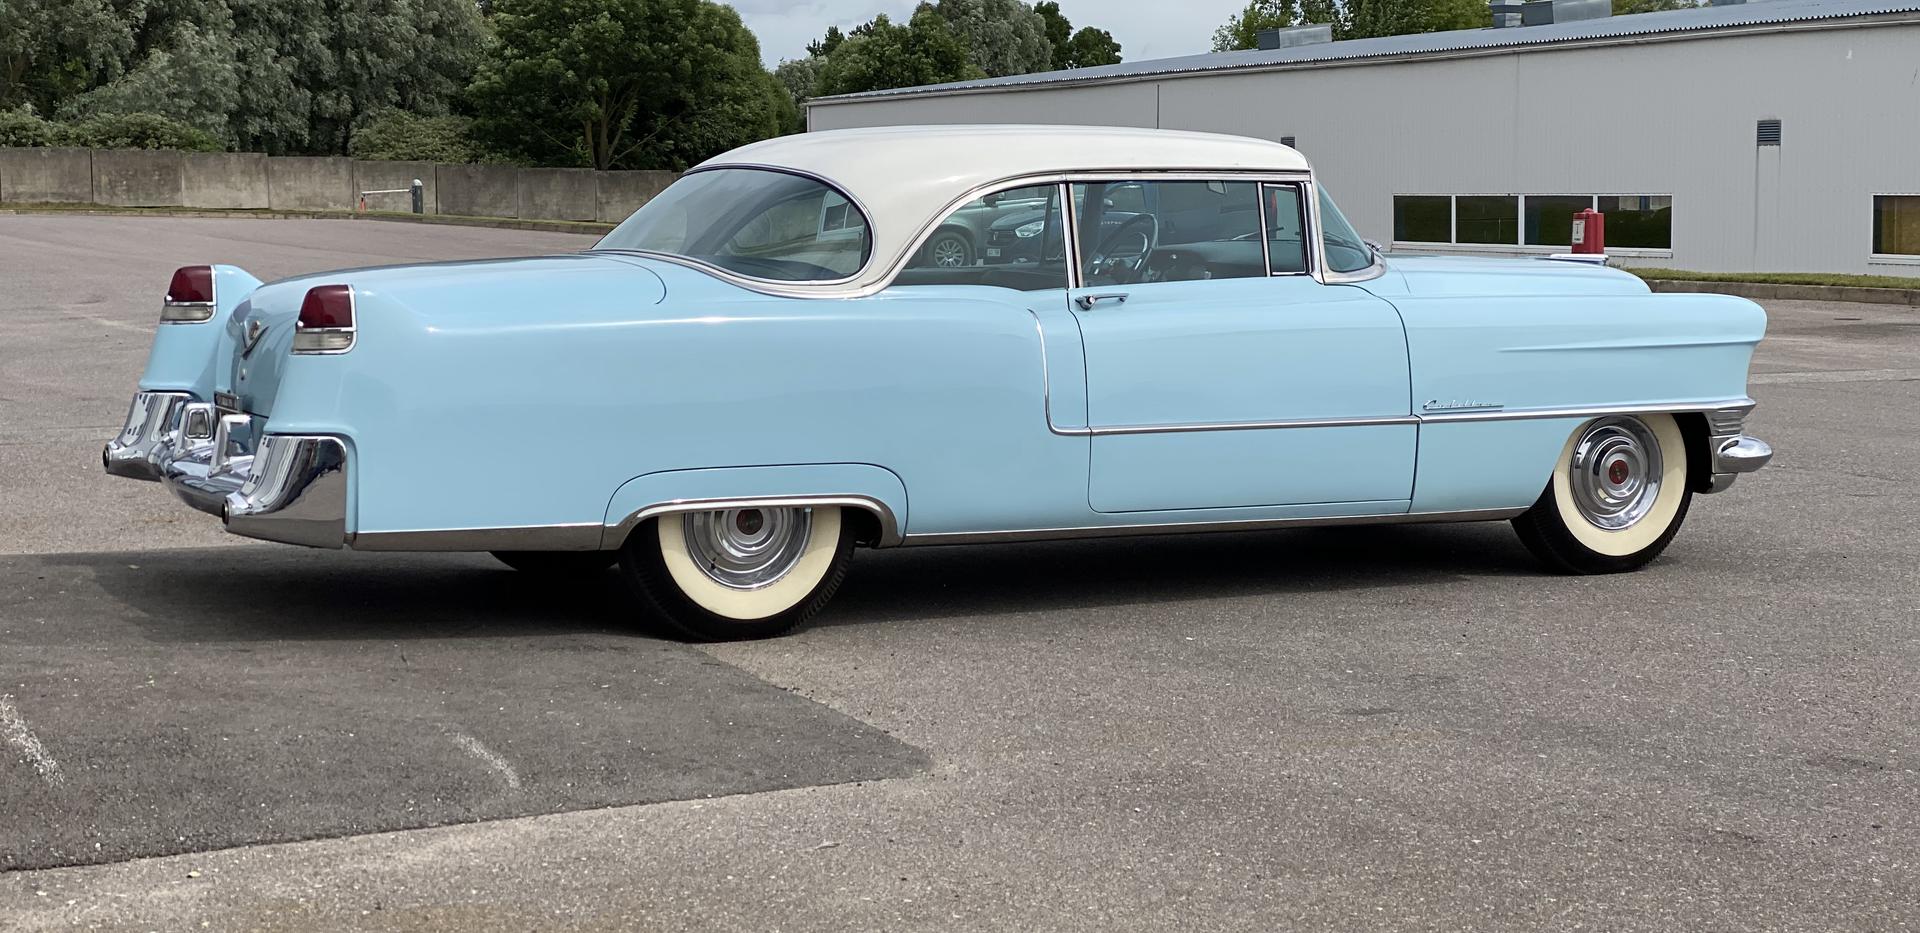 Cadillac Series 62 1955